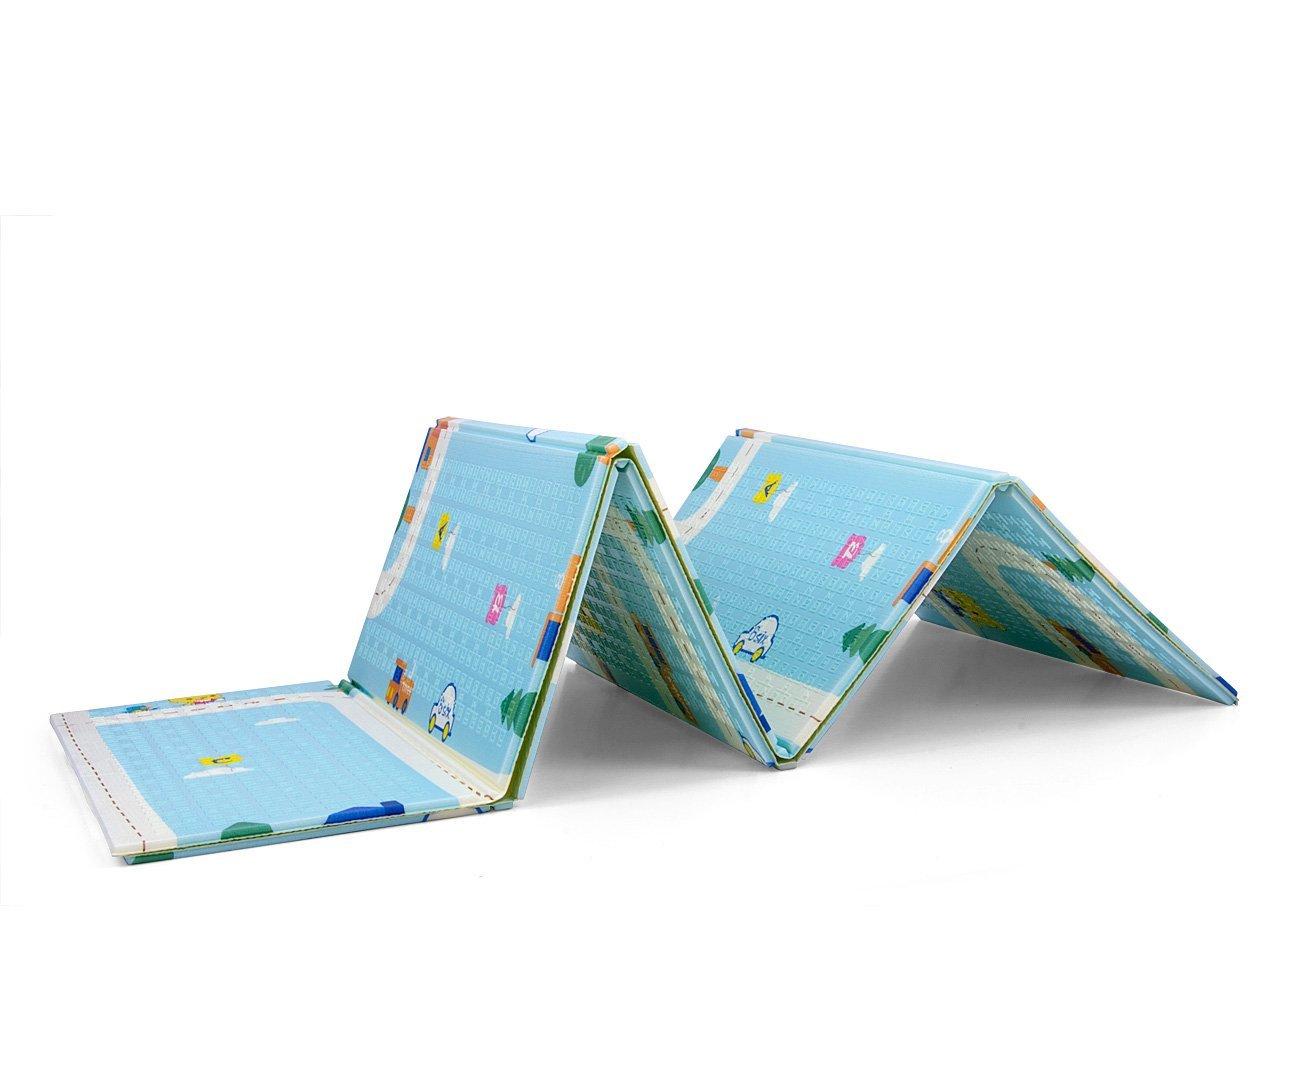 Skladacia penov� podlo�ka na hranie Play Street BlueMilly Mally - zv��i� obr�zok